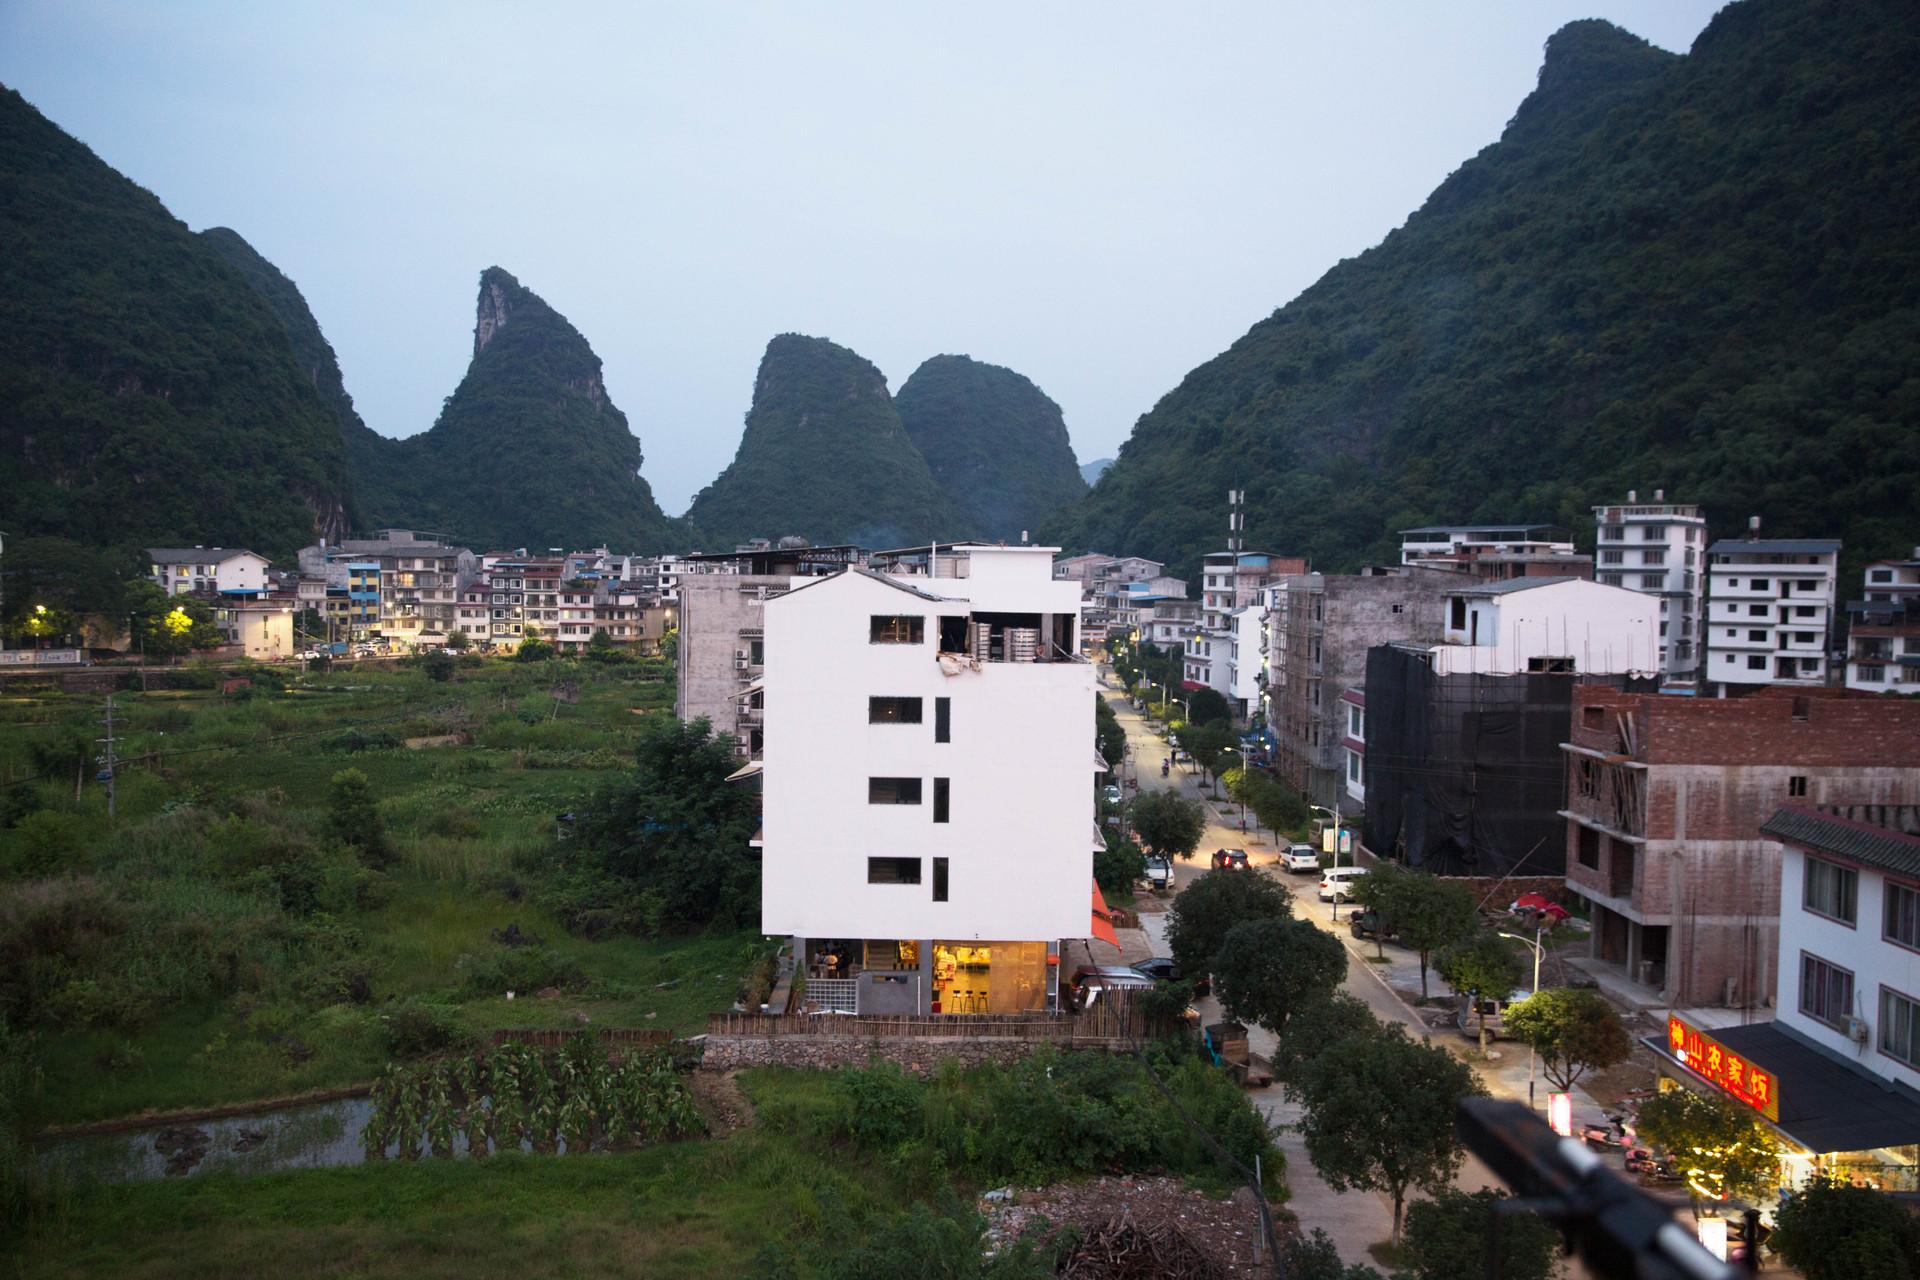 Yangshuo, 2018